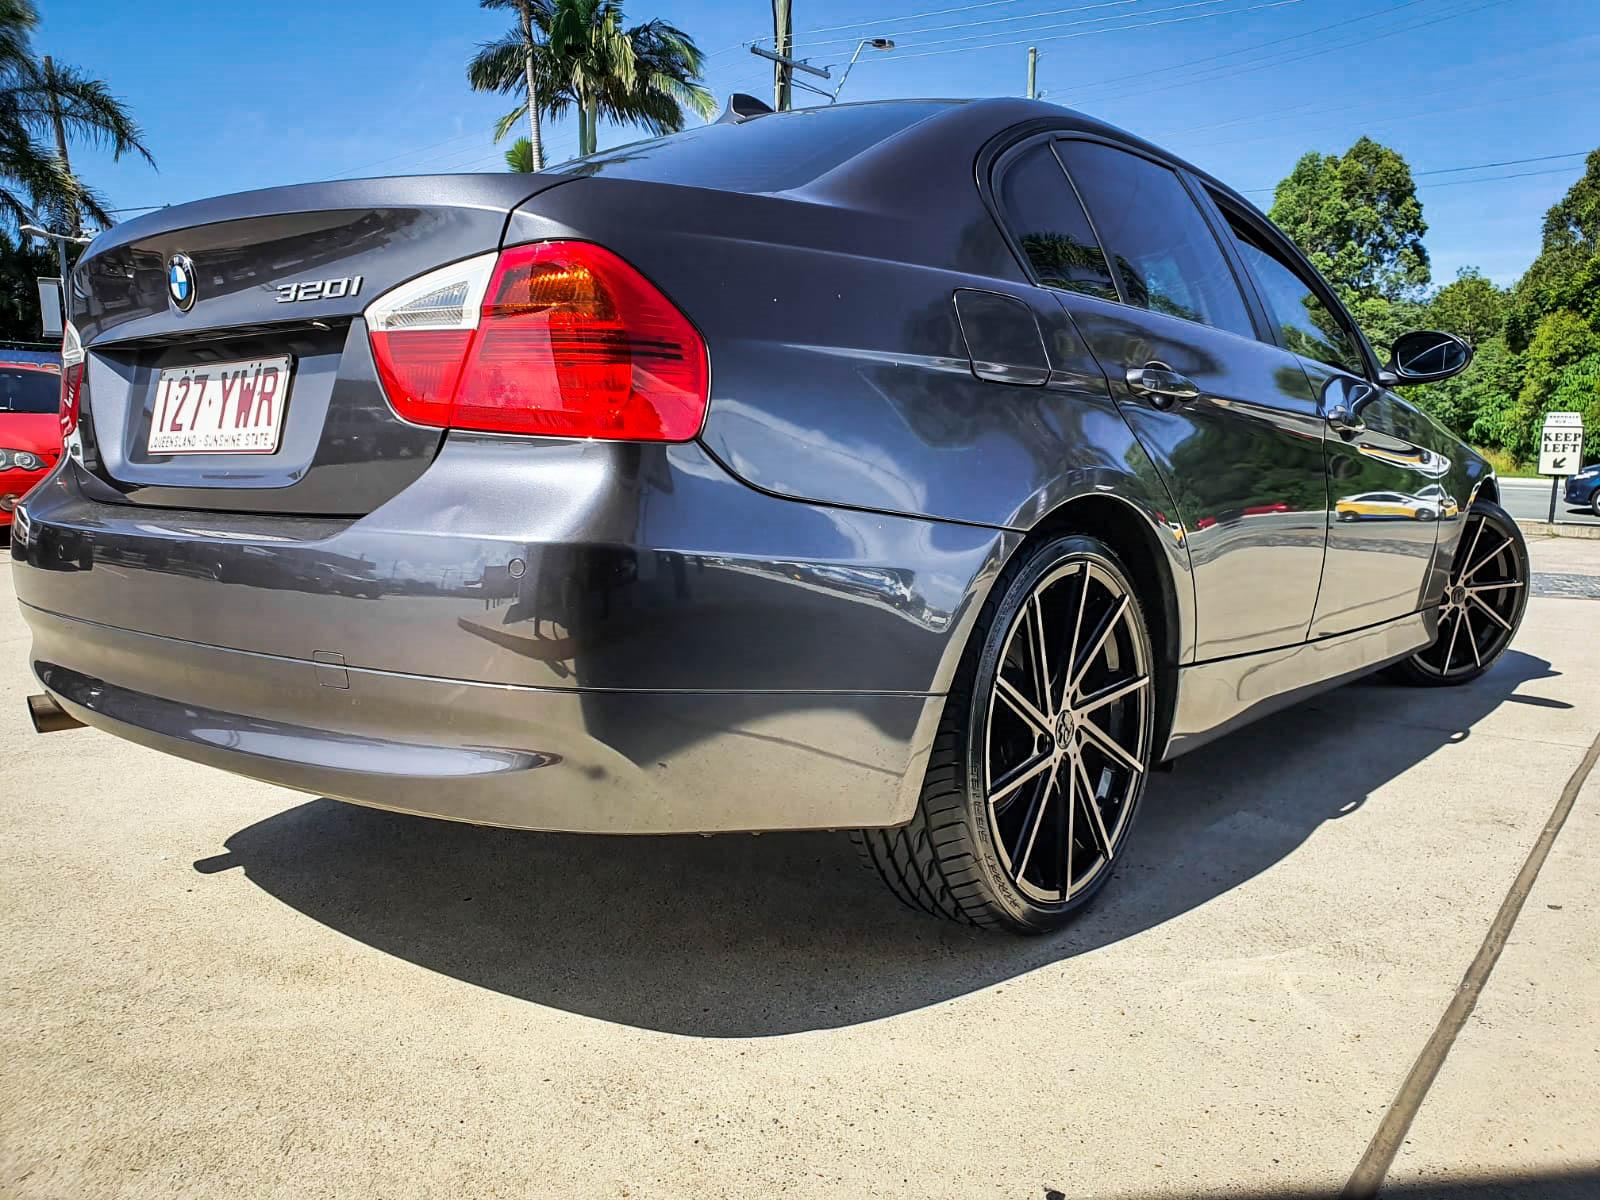 BMW 320i on hussla alz dark tint (3 of 4)